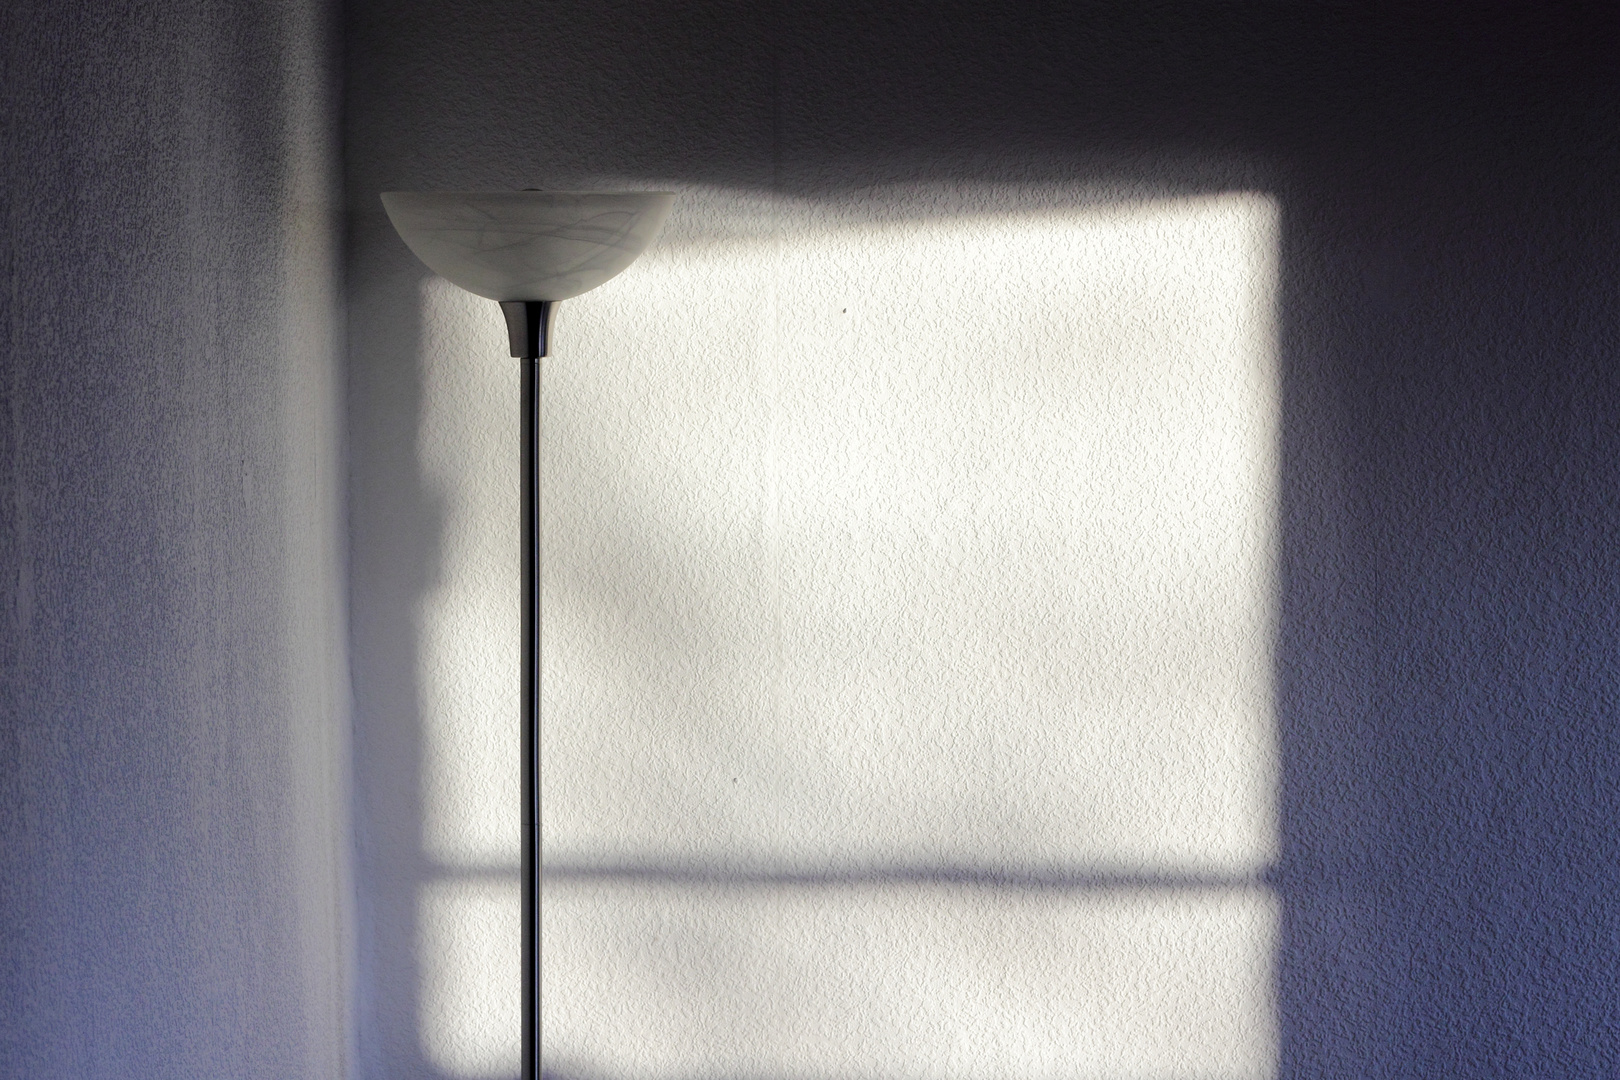 Lampen En Licht : Lampe licht und schatten foto & bild lampen und leuchten